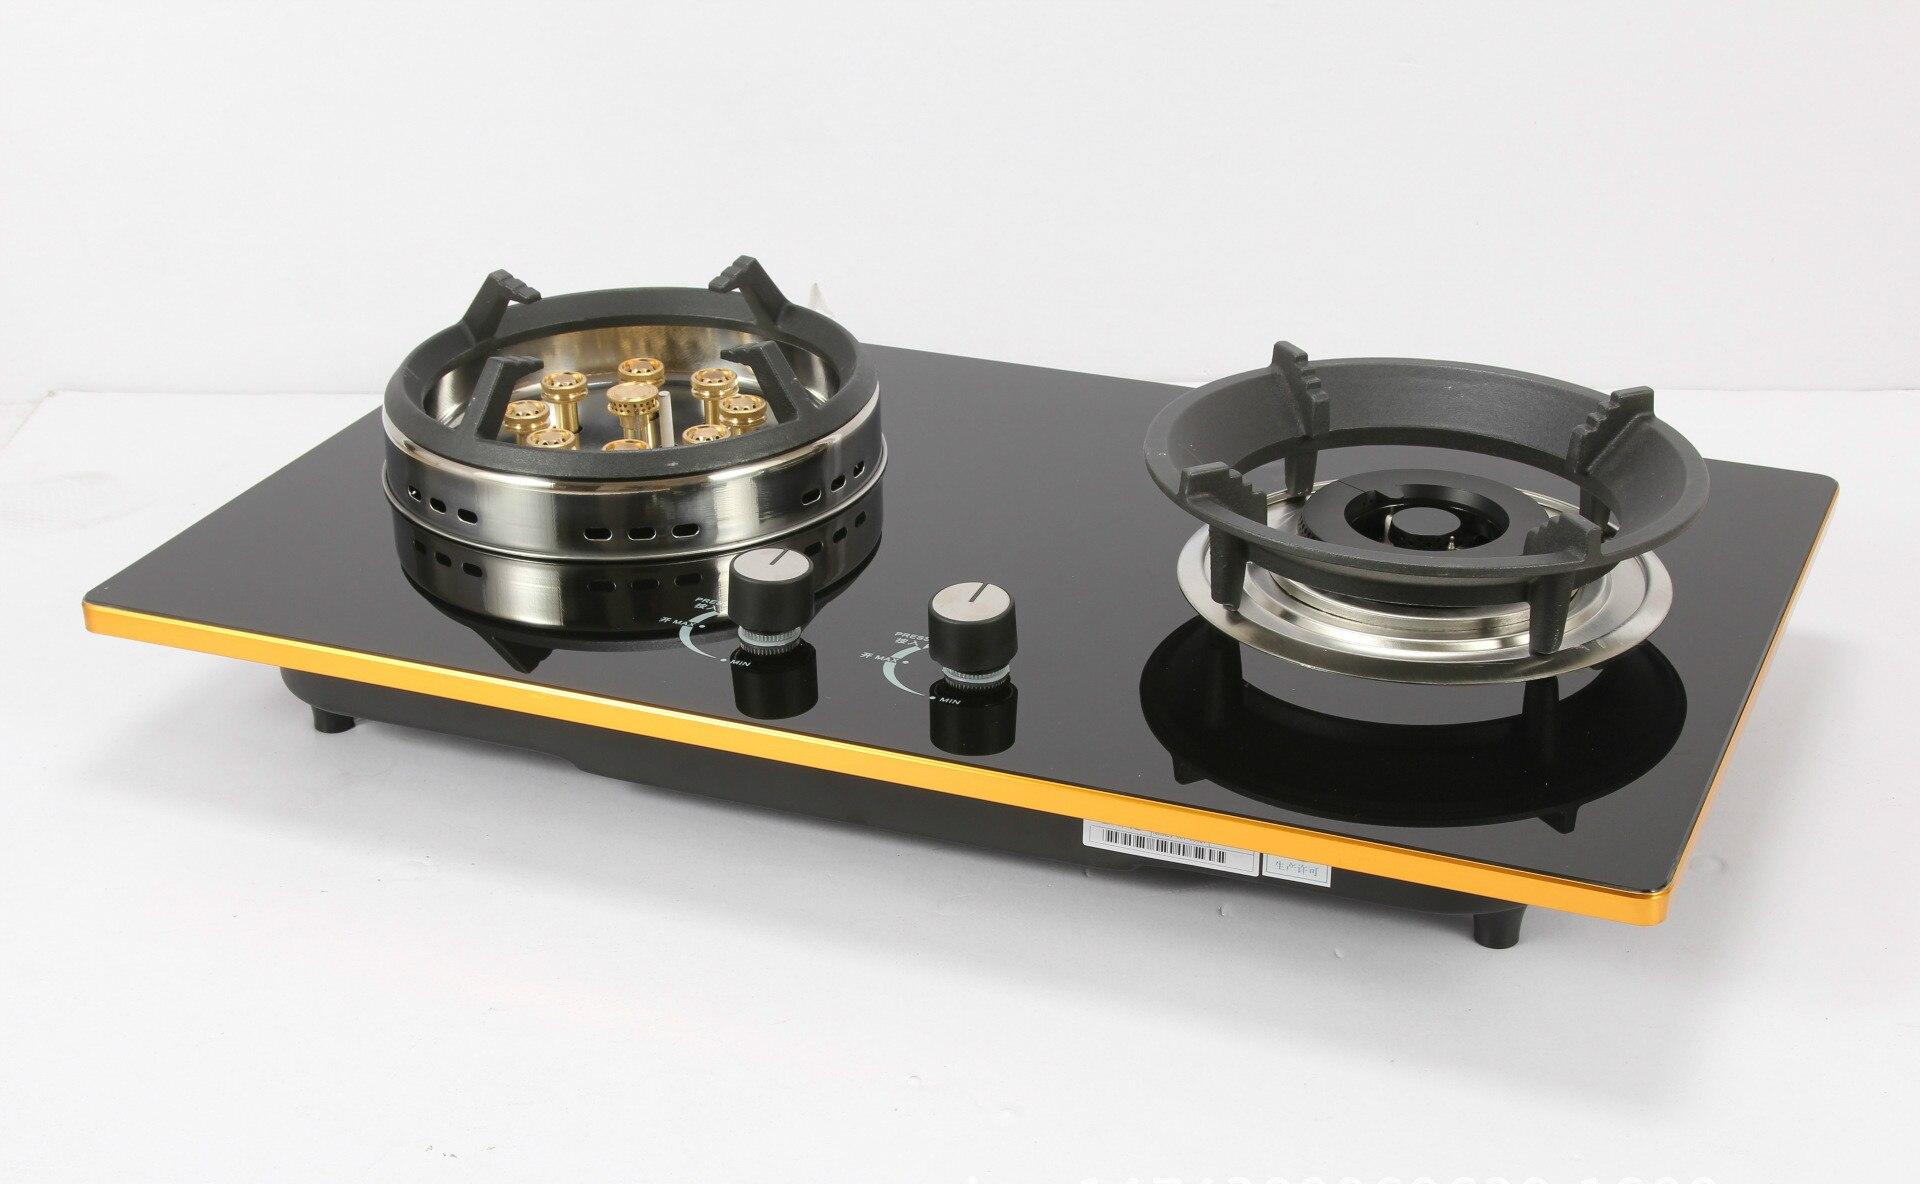 Livraison gratuite pièces cuisinière à gaz bloc véritable double usage ménage économie d'énergie gaz table de cuisson liquéfaction/gaz naturel